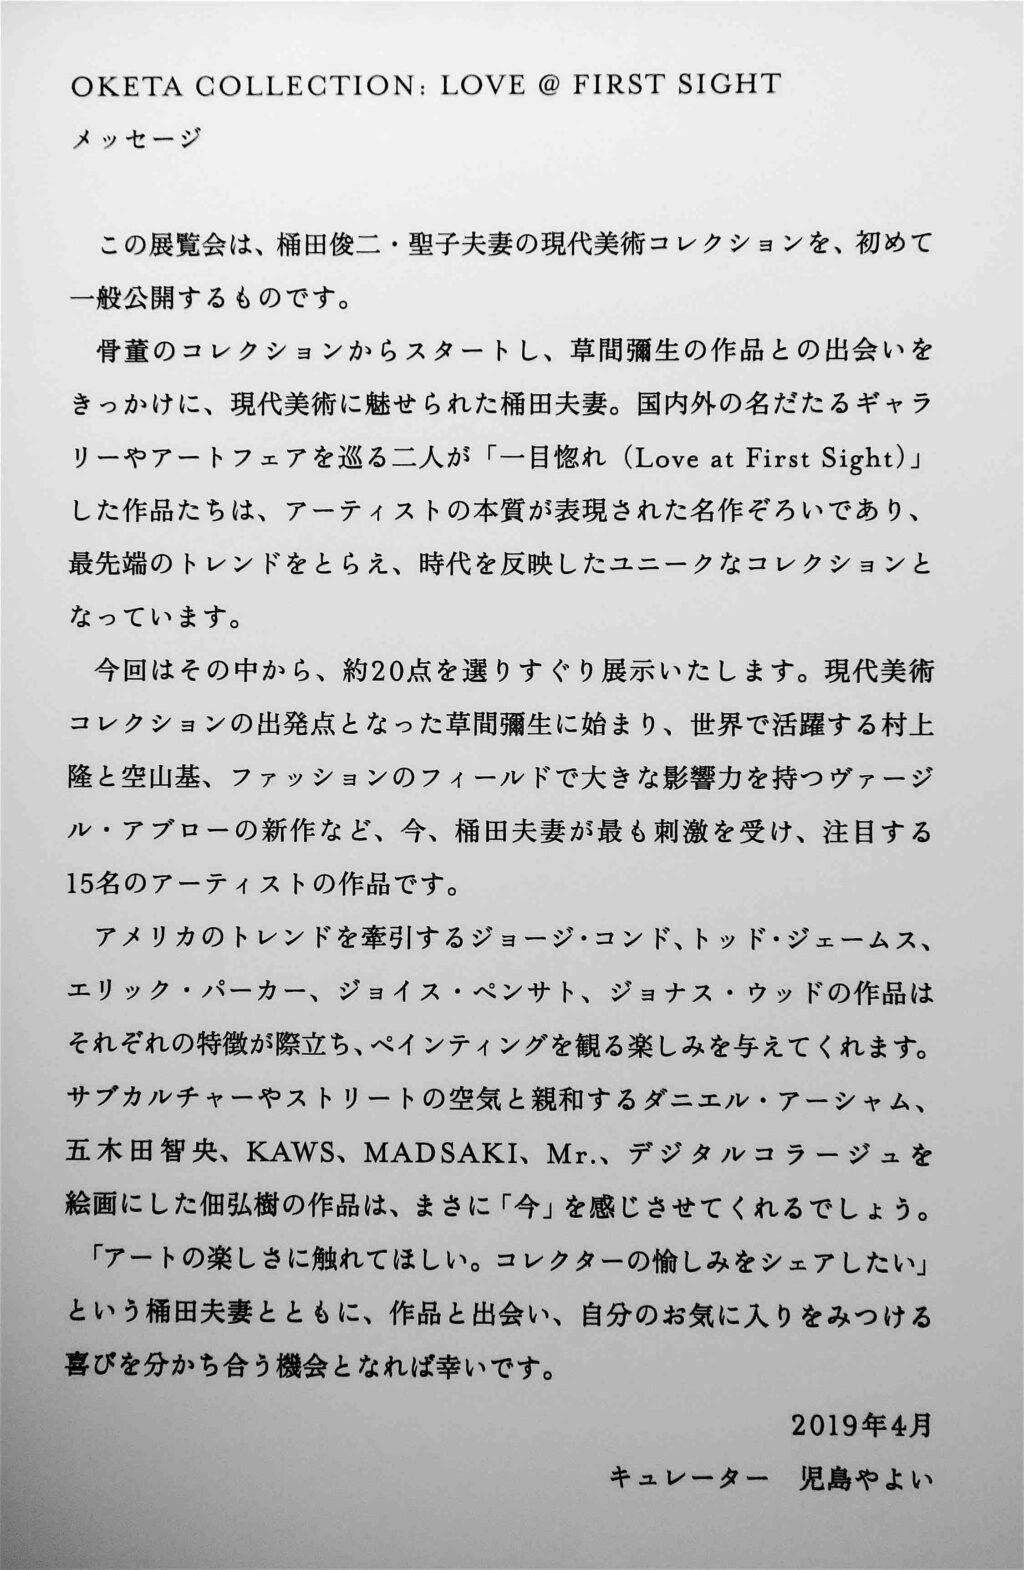 桶田コレクション Oketa collection